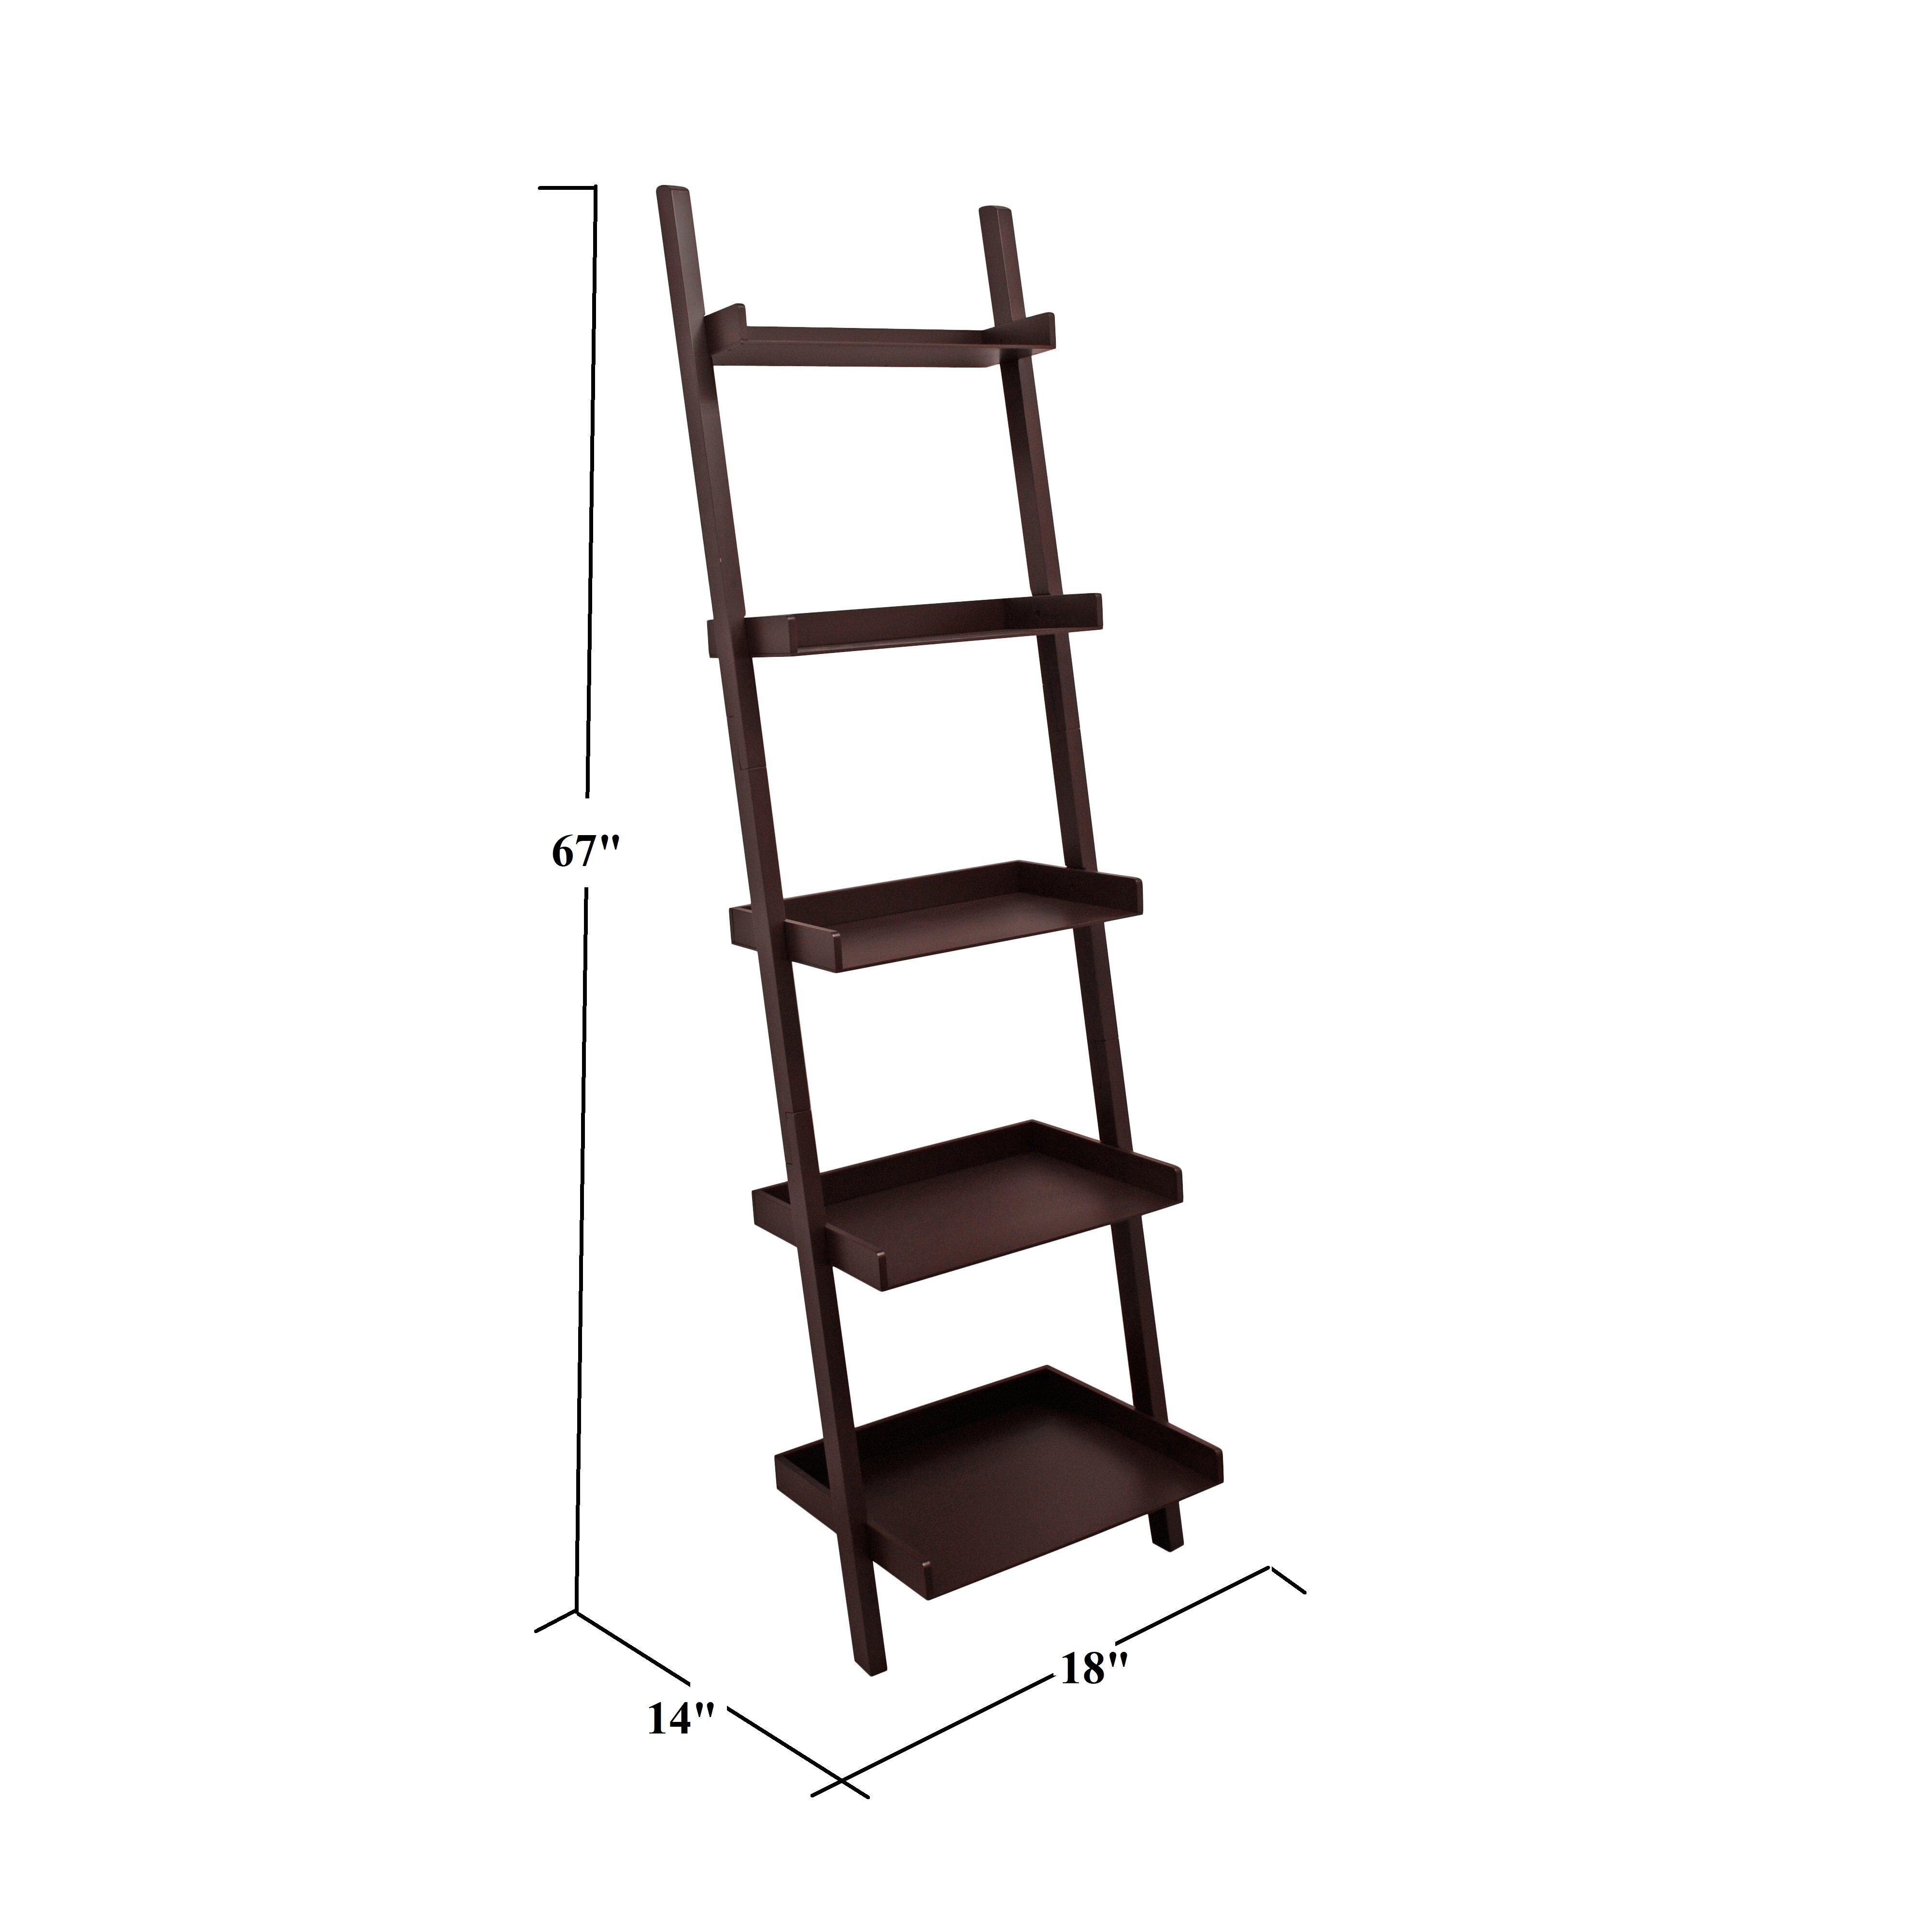 Pfaff 5 Tier Ladder Bookcase